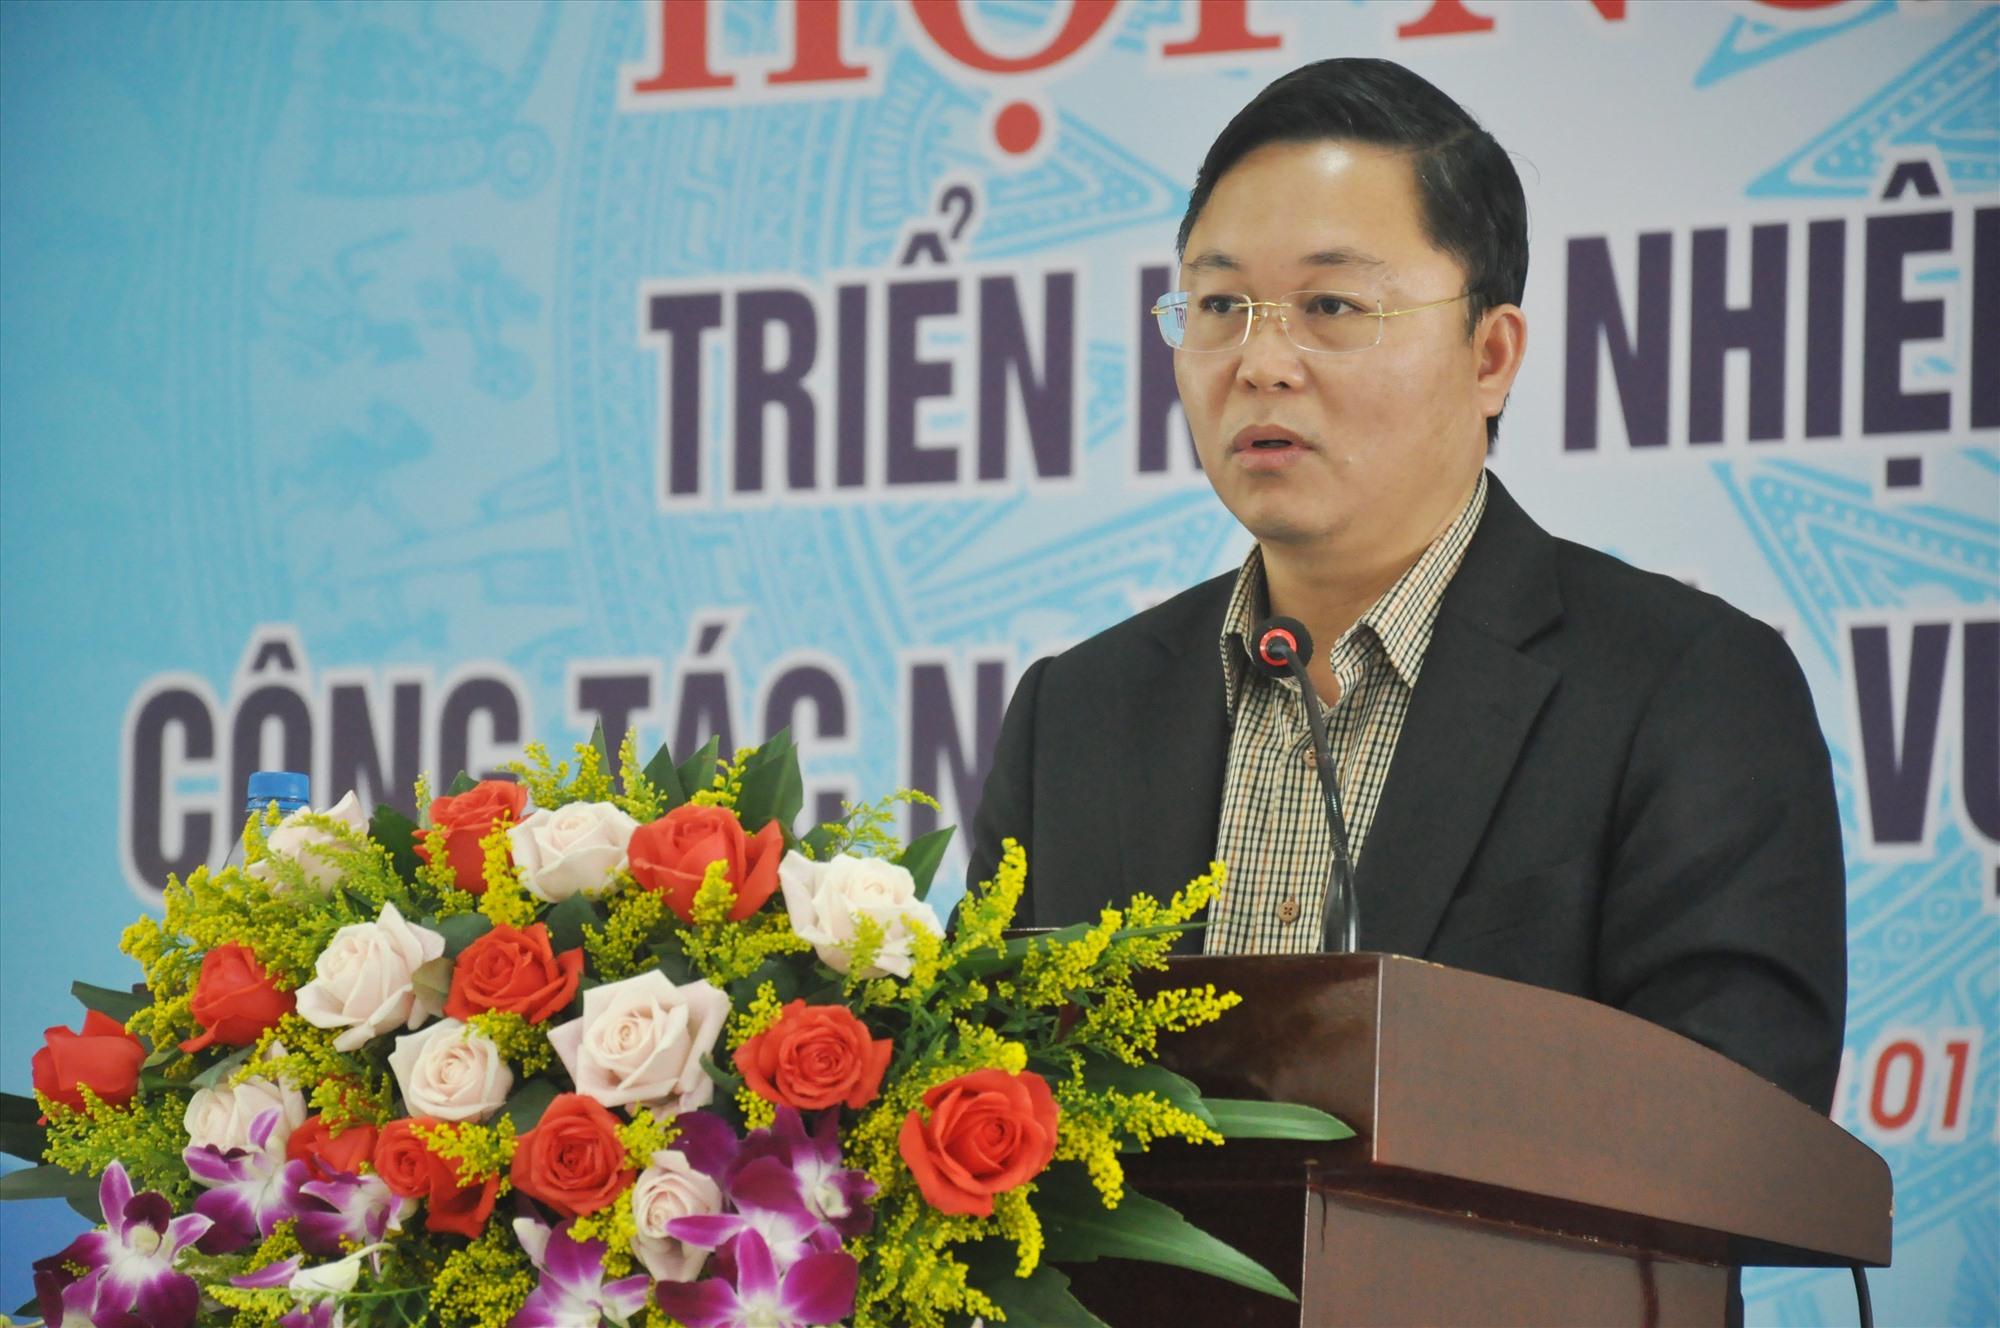 Chủ tịch UBND tỉnh Lê Trí Thanh phát biểu chỉ đạo tại hội nghị tổng kết công tác ngành nội vụ tỉnh năm 2020. Ảnh: N.Đ